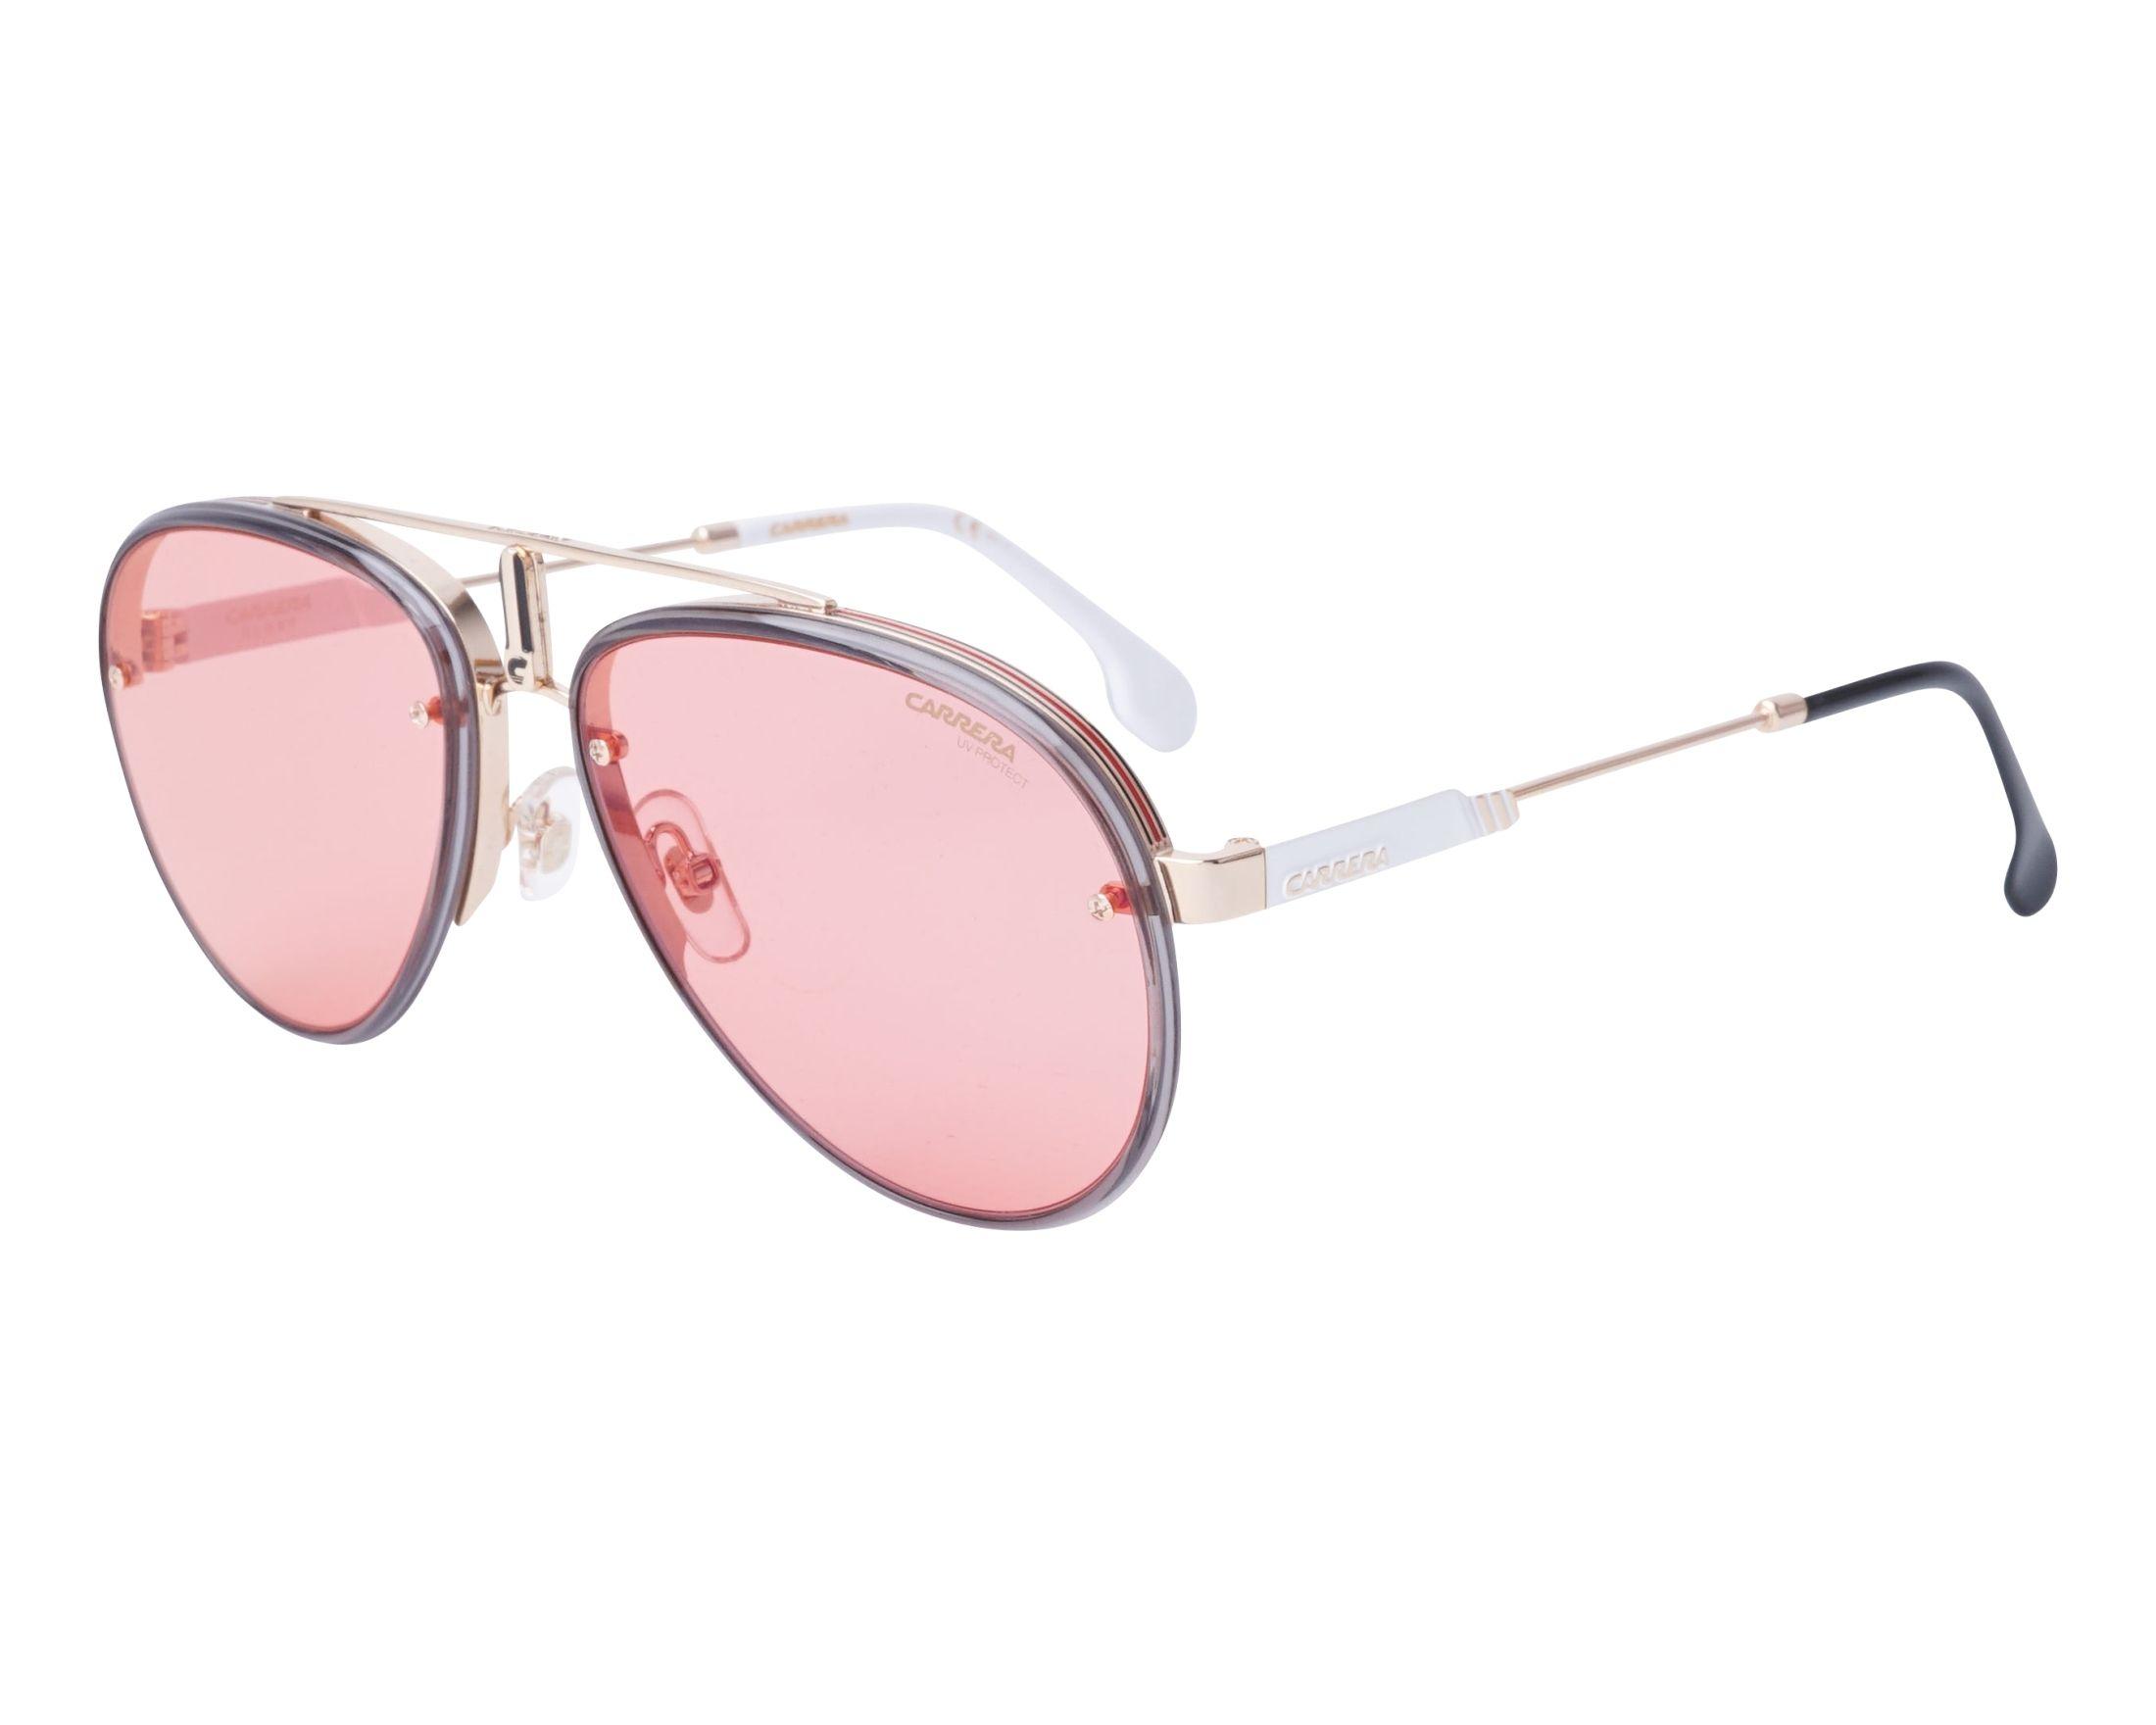 511933e133 Sunglasses Carrera GLORY Y11UZ 58-17 Gold Grey profile view